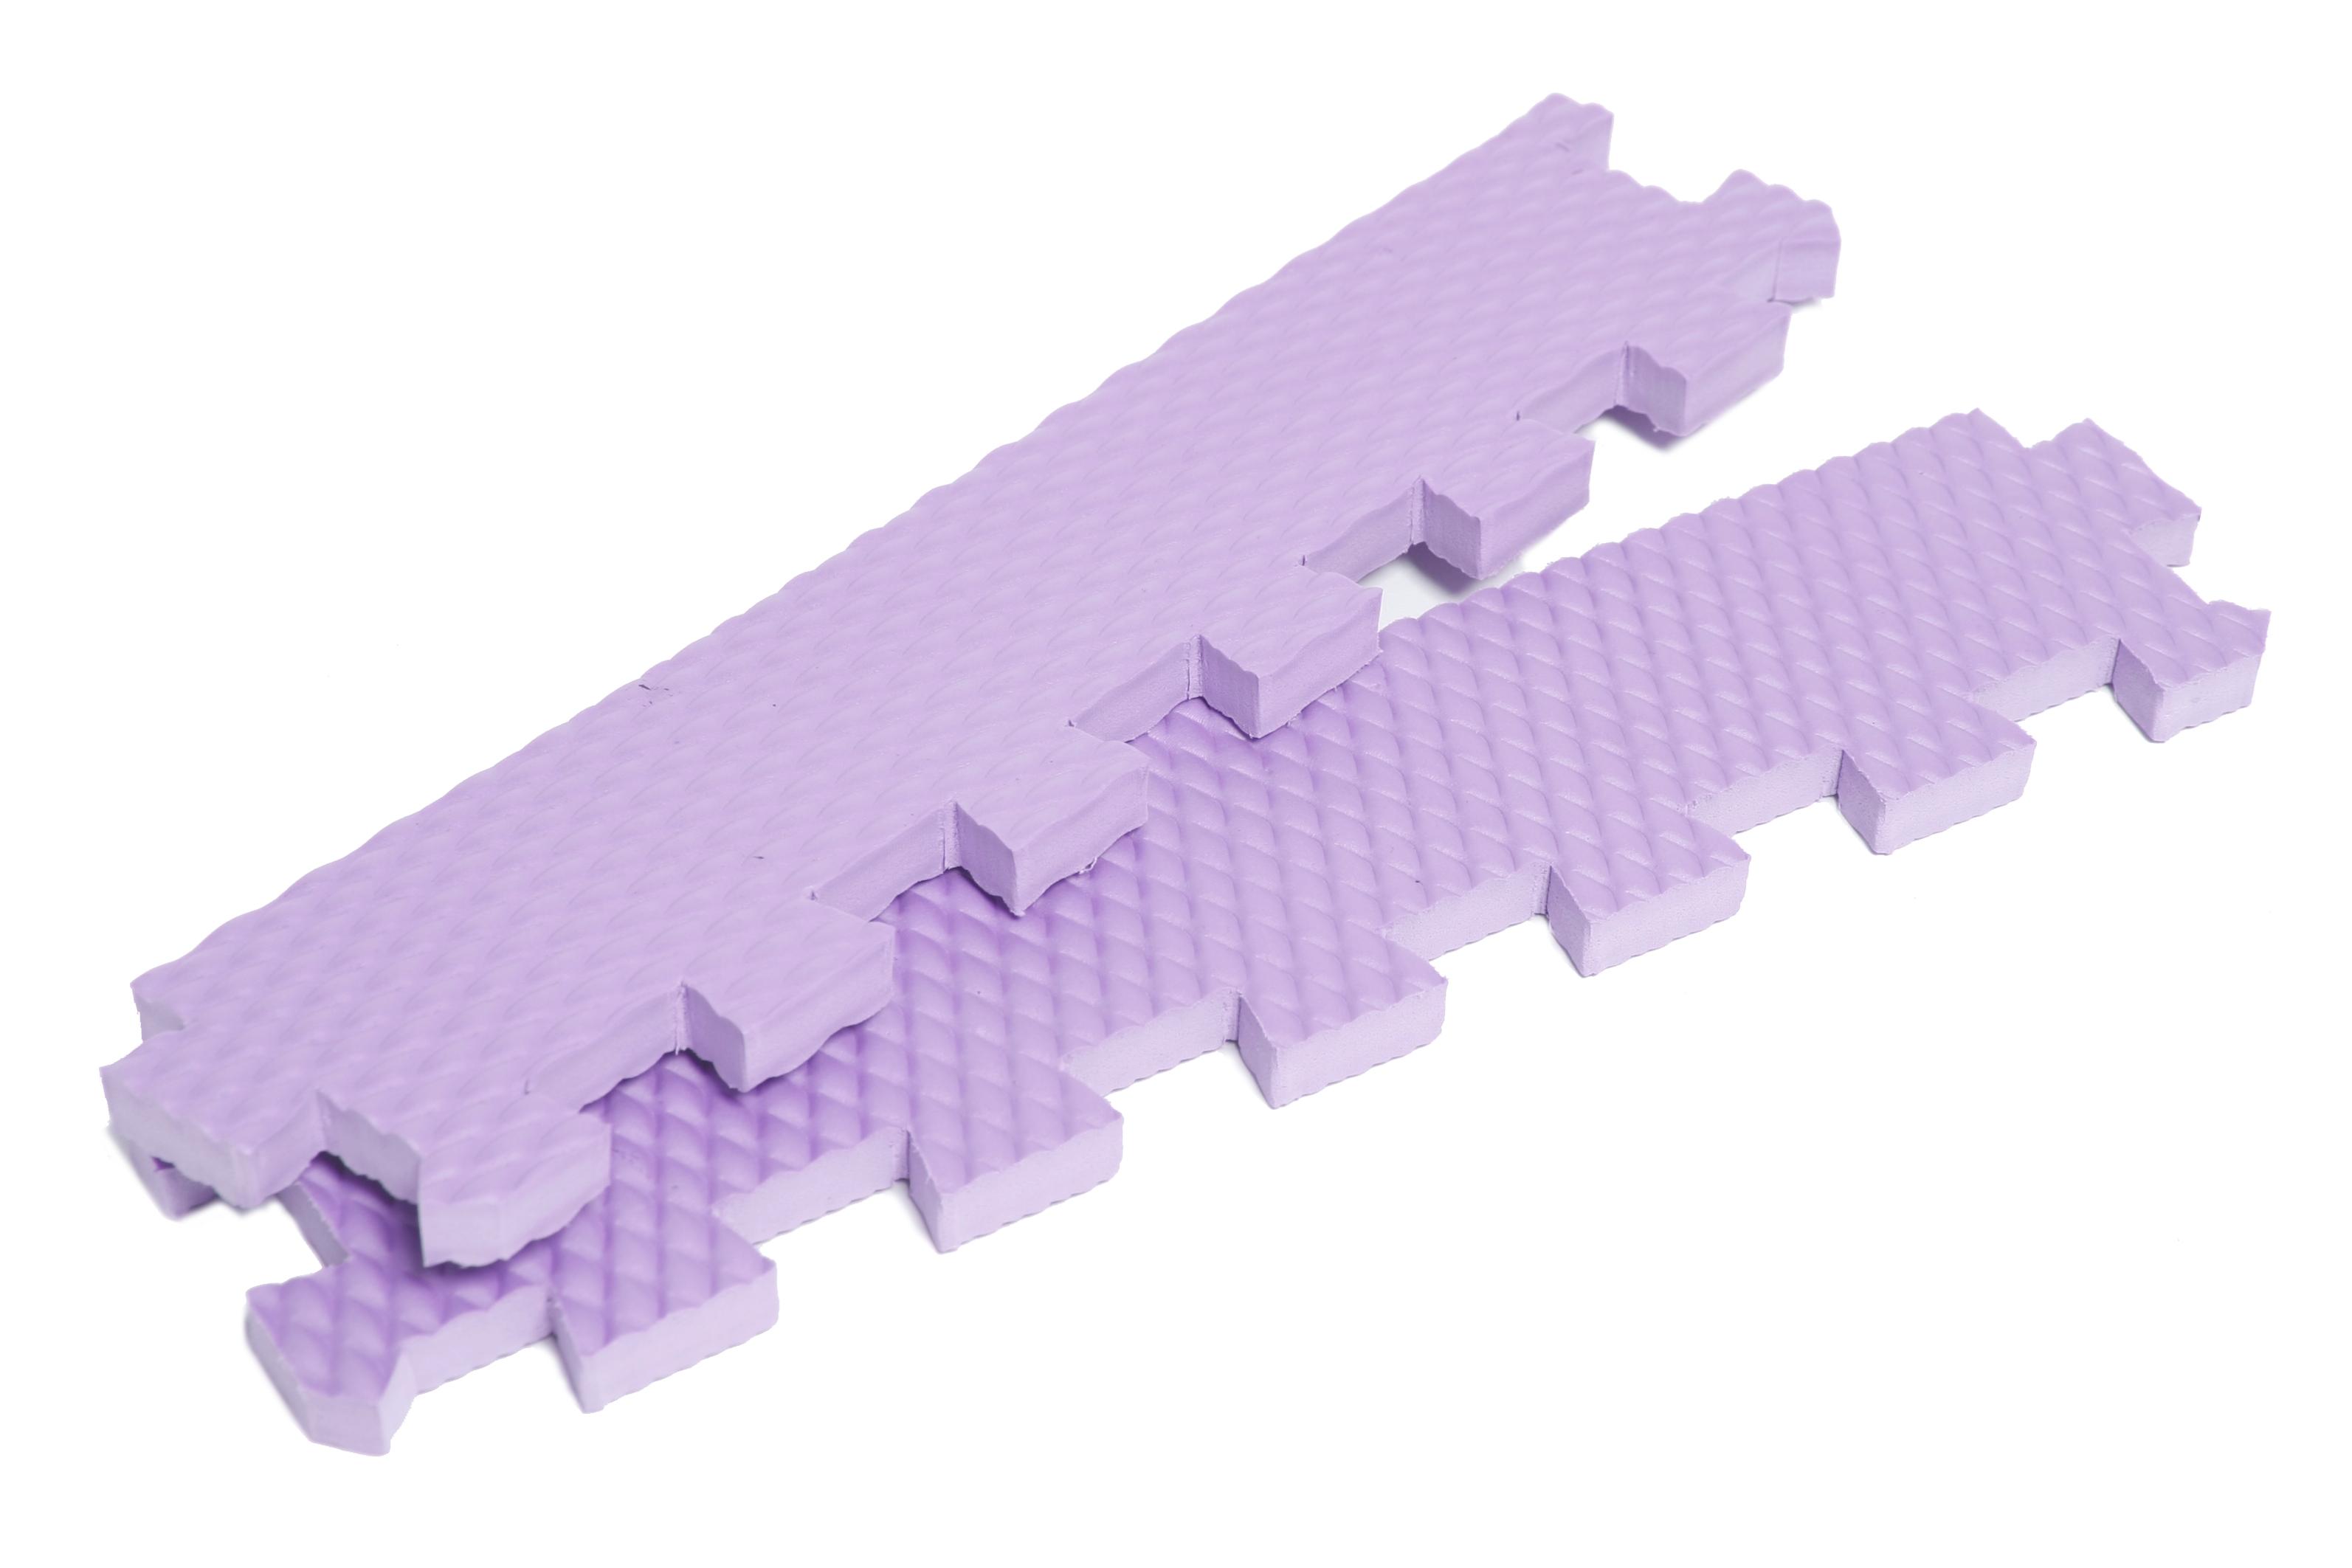 okrajový díl fialova